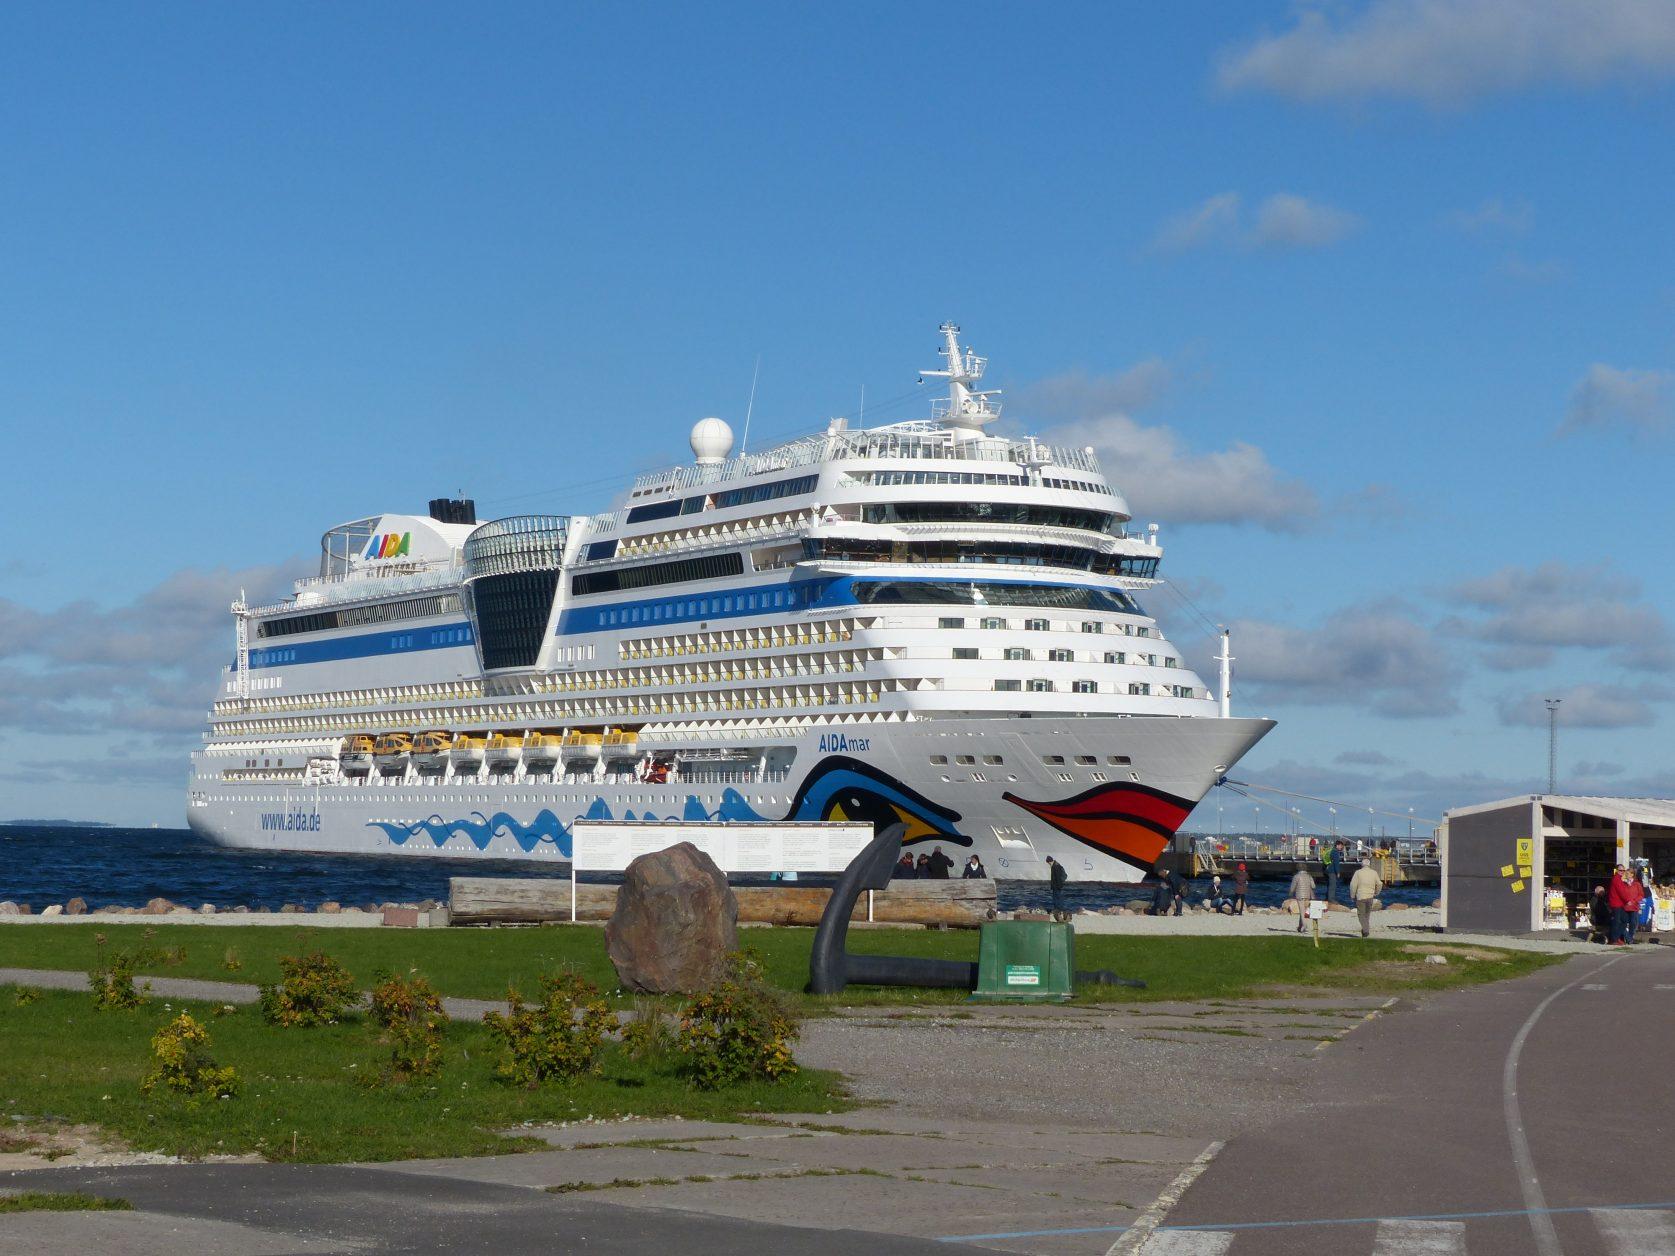 AIDA Mar im Hafen von Talllin